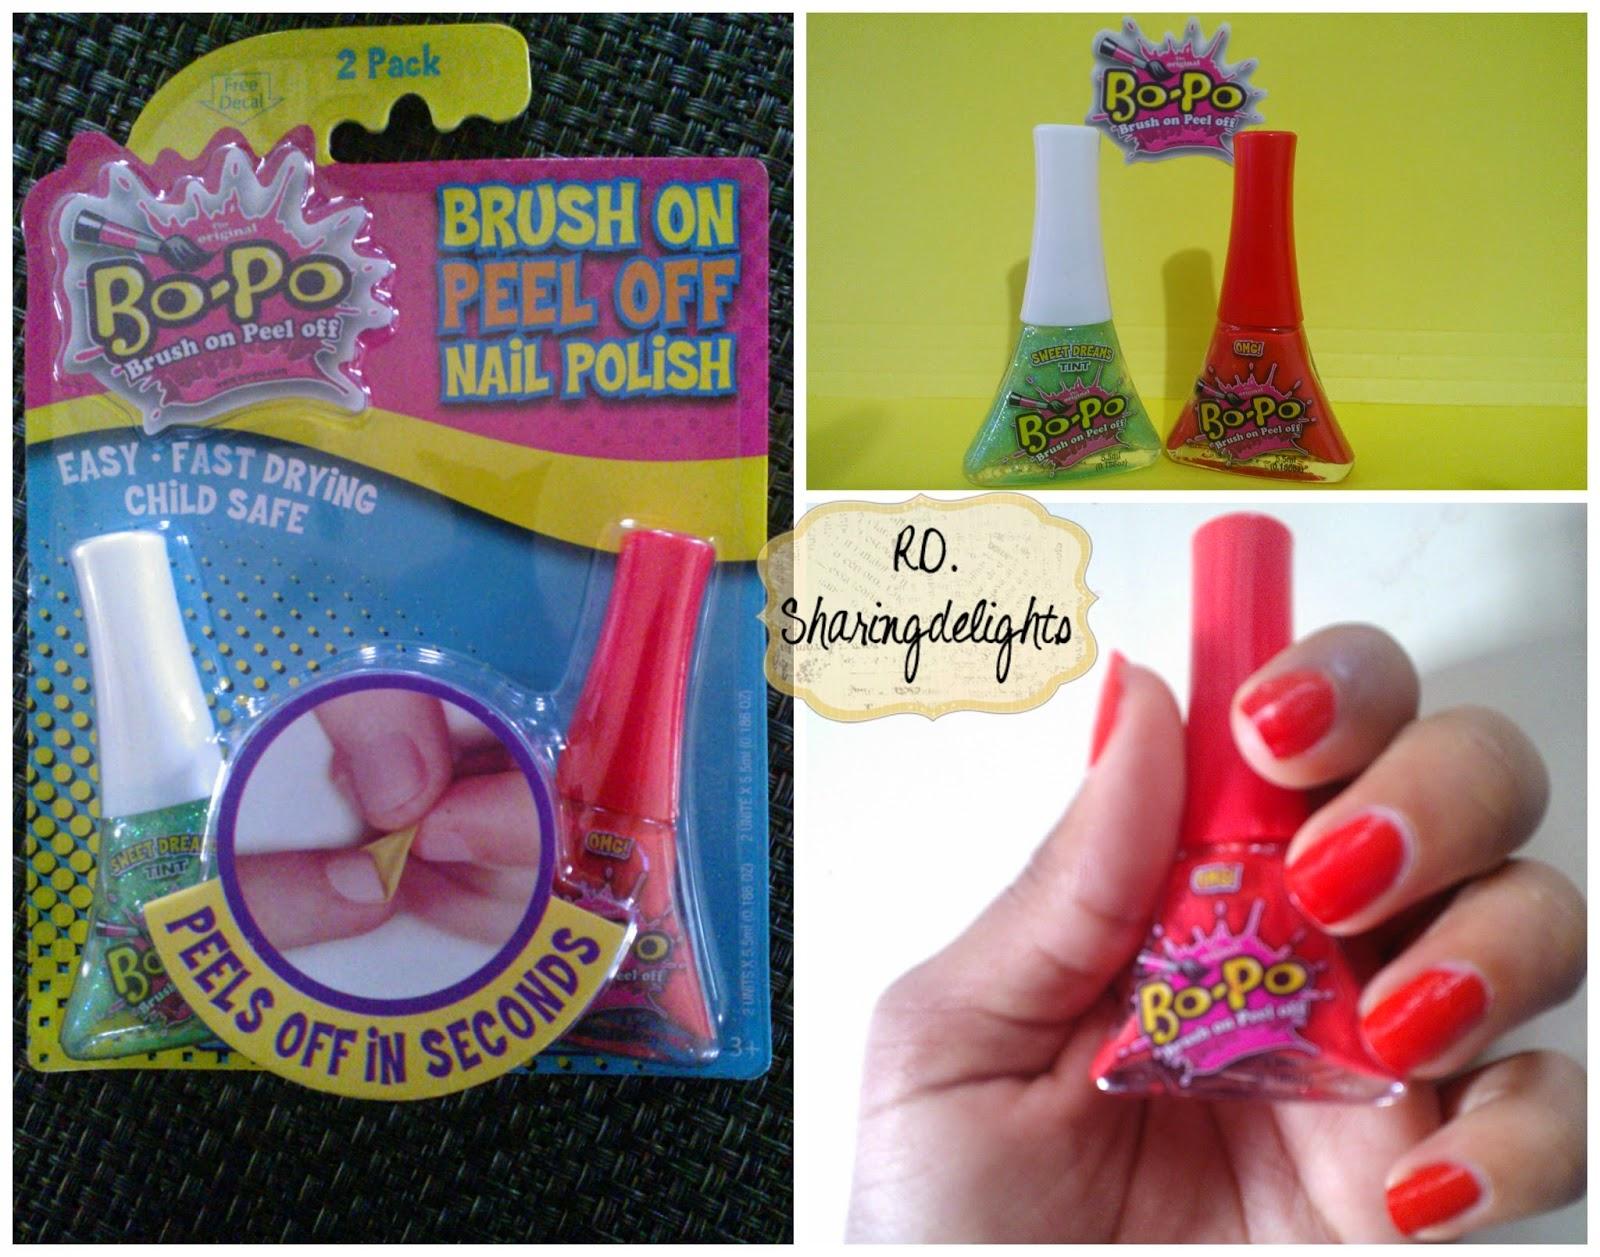 Bo-Po nail polish review and giveaway! #bopofun  